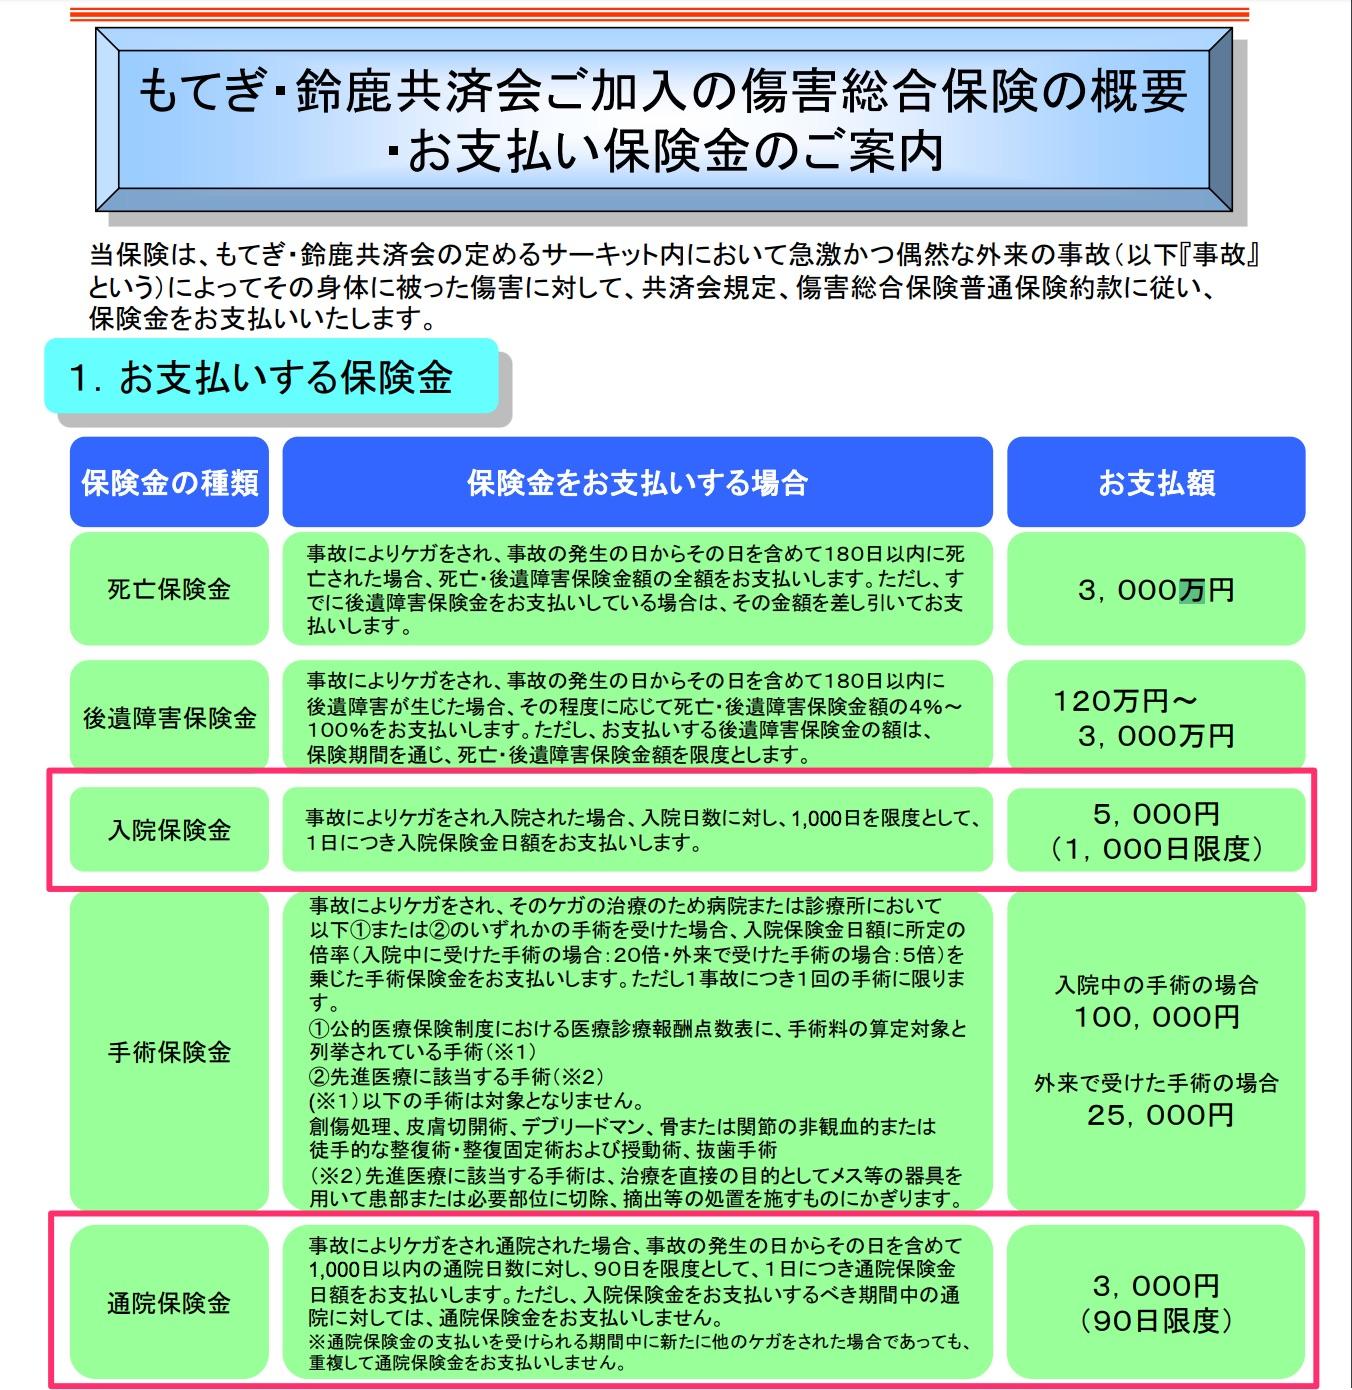 鈴鹿・茂木共済会